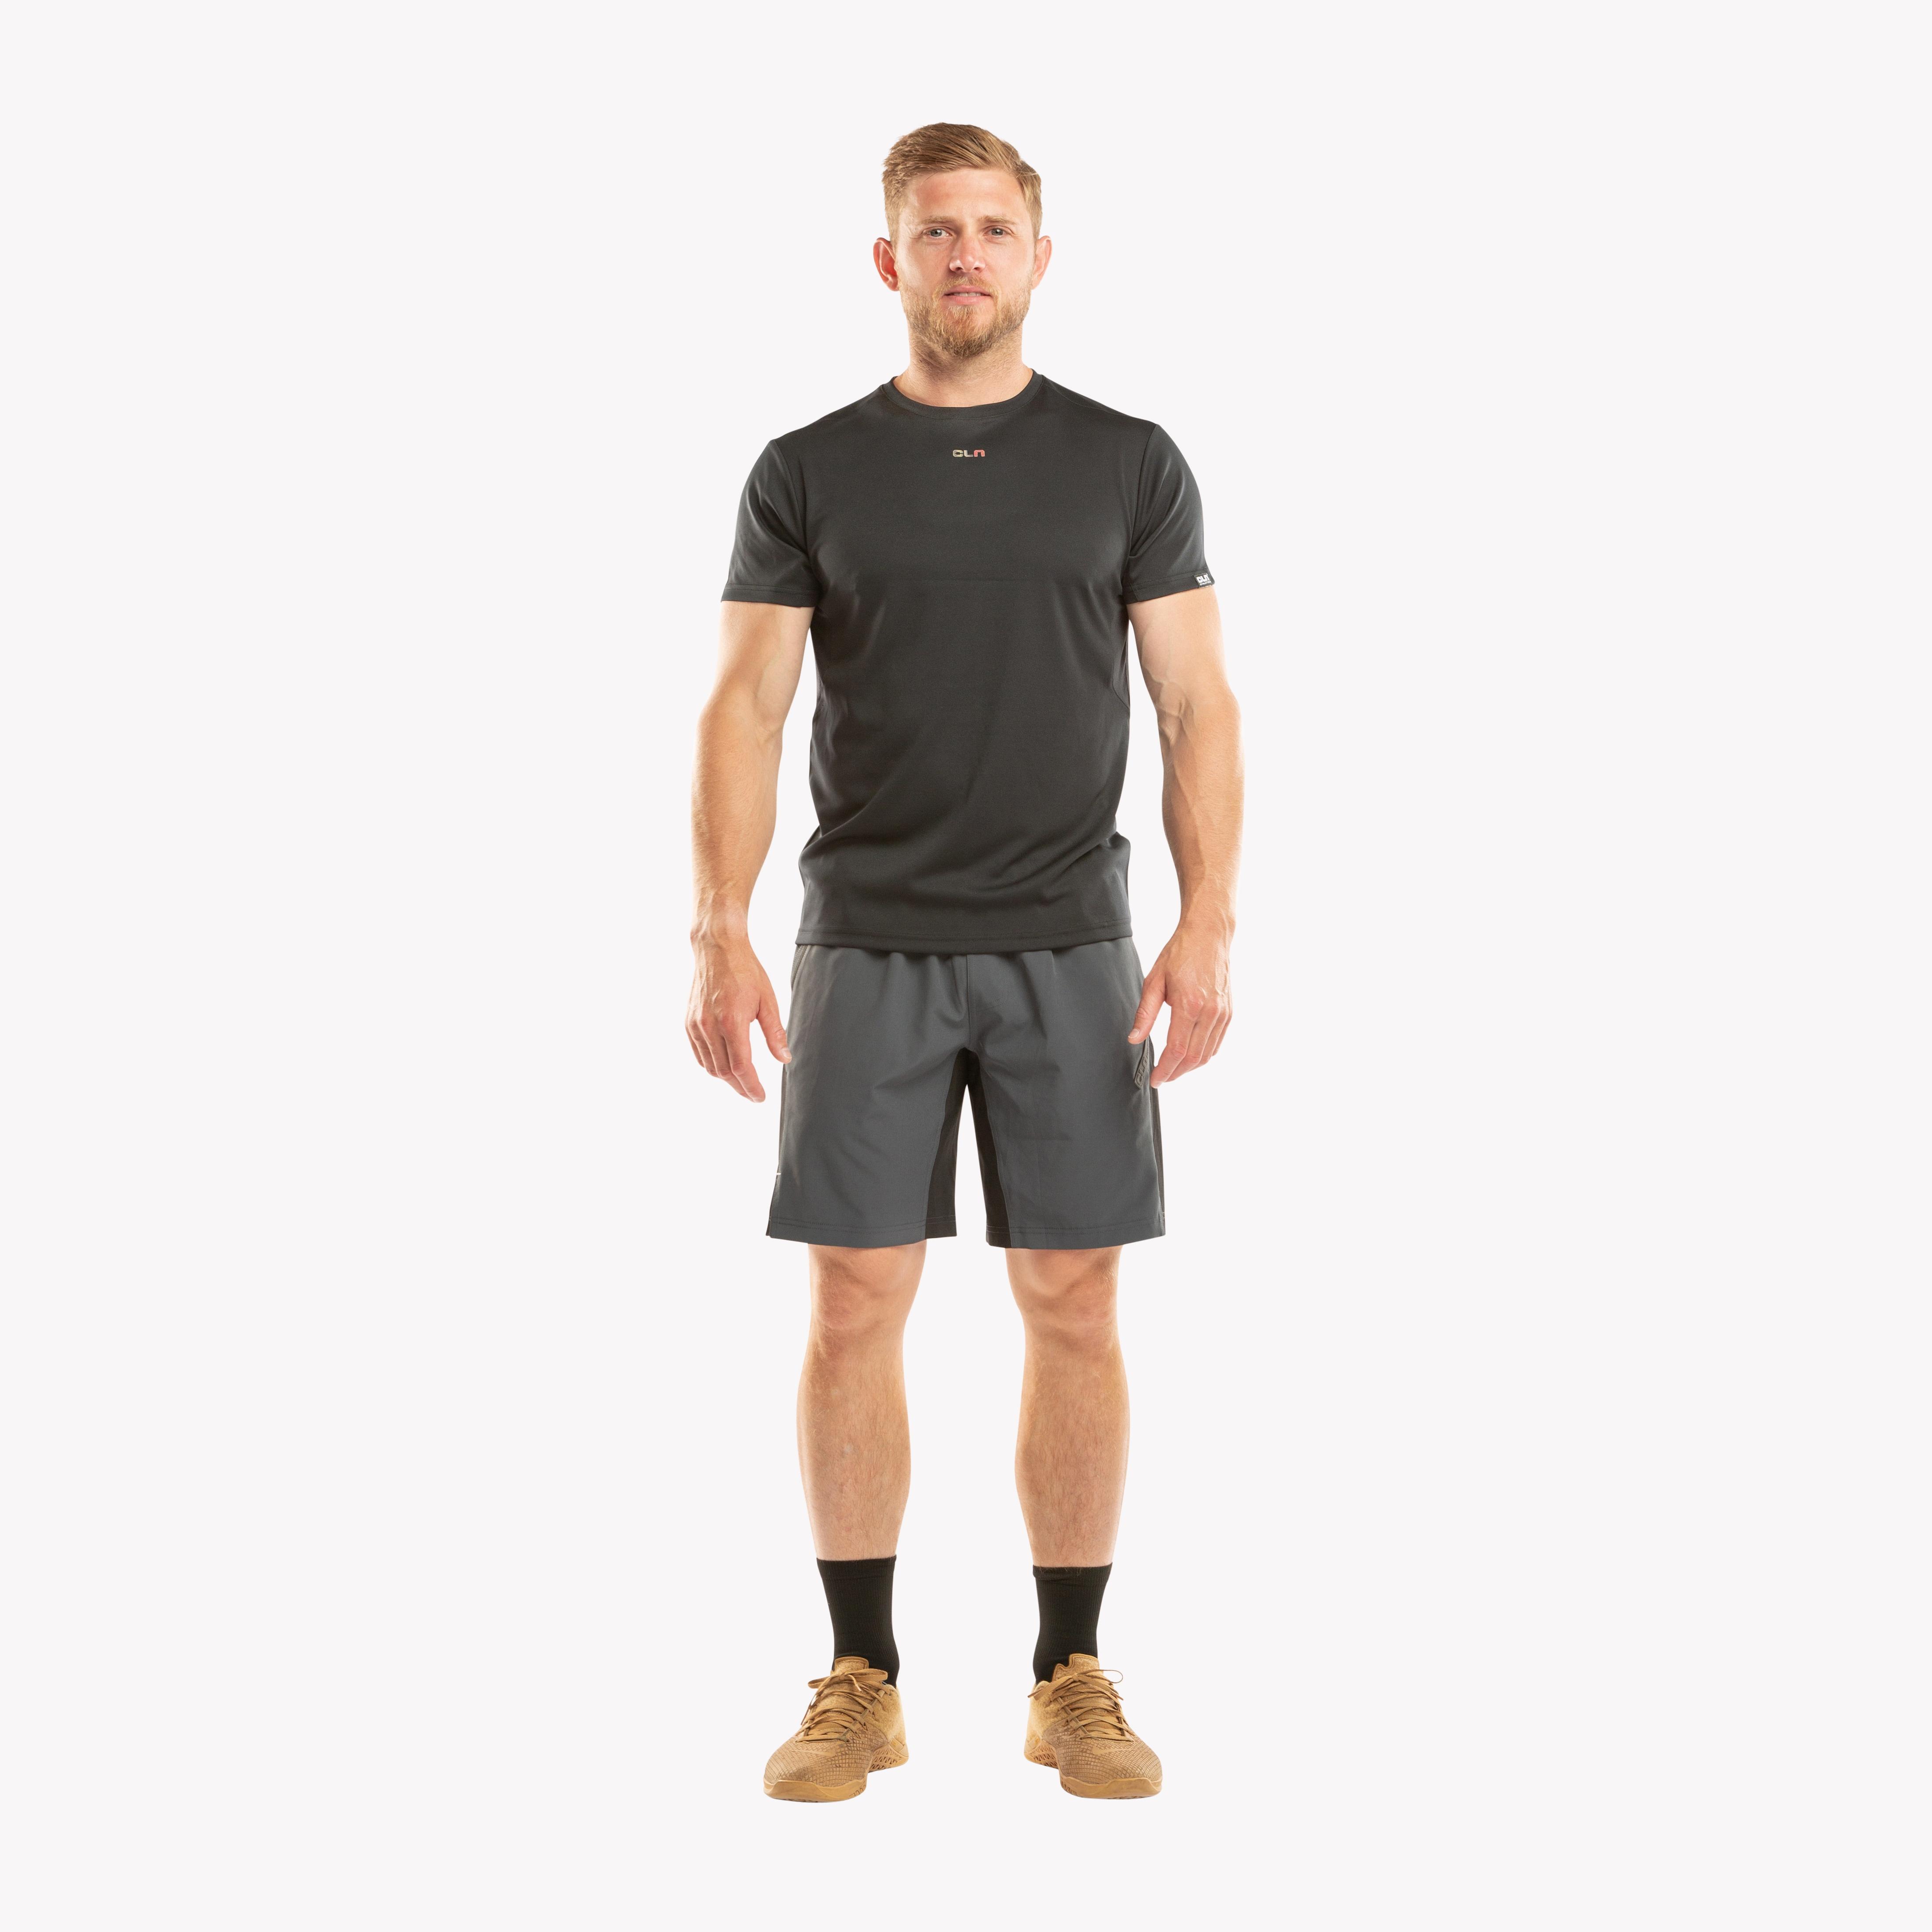 CLN Exhaust t-shirt Black